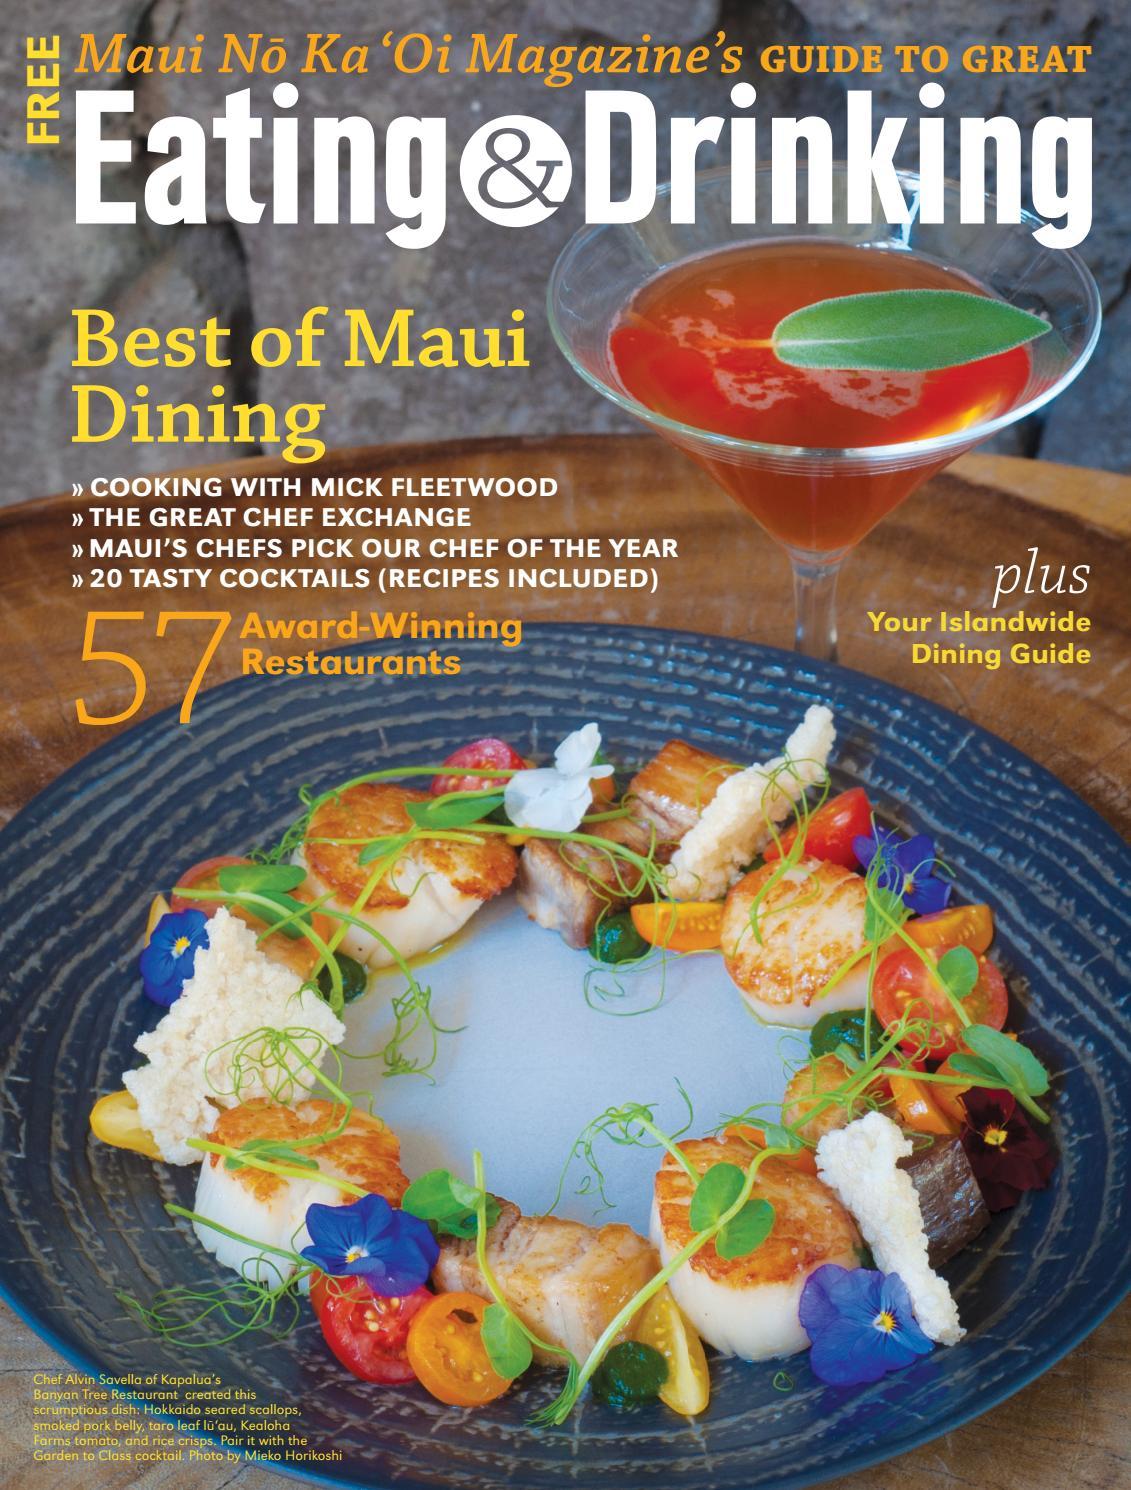 Eating & Drinking On Mauimaui No Ka 'oi Magazine – Issuu Regarding Simple Living Maui Buffets (View 9 of 30)